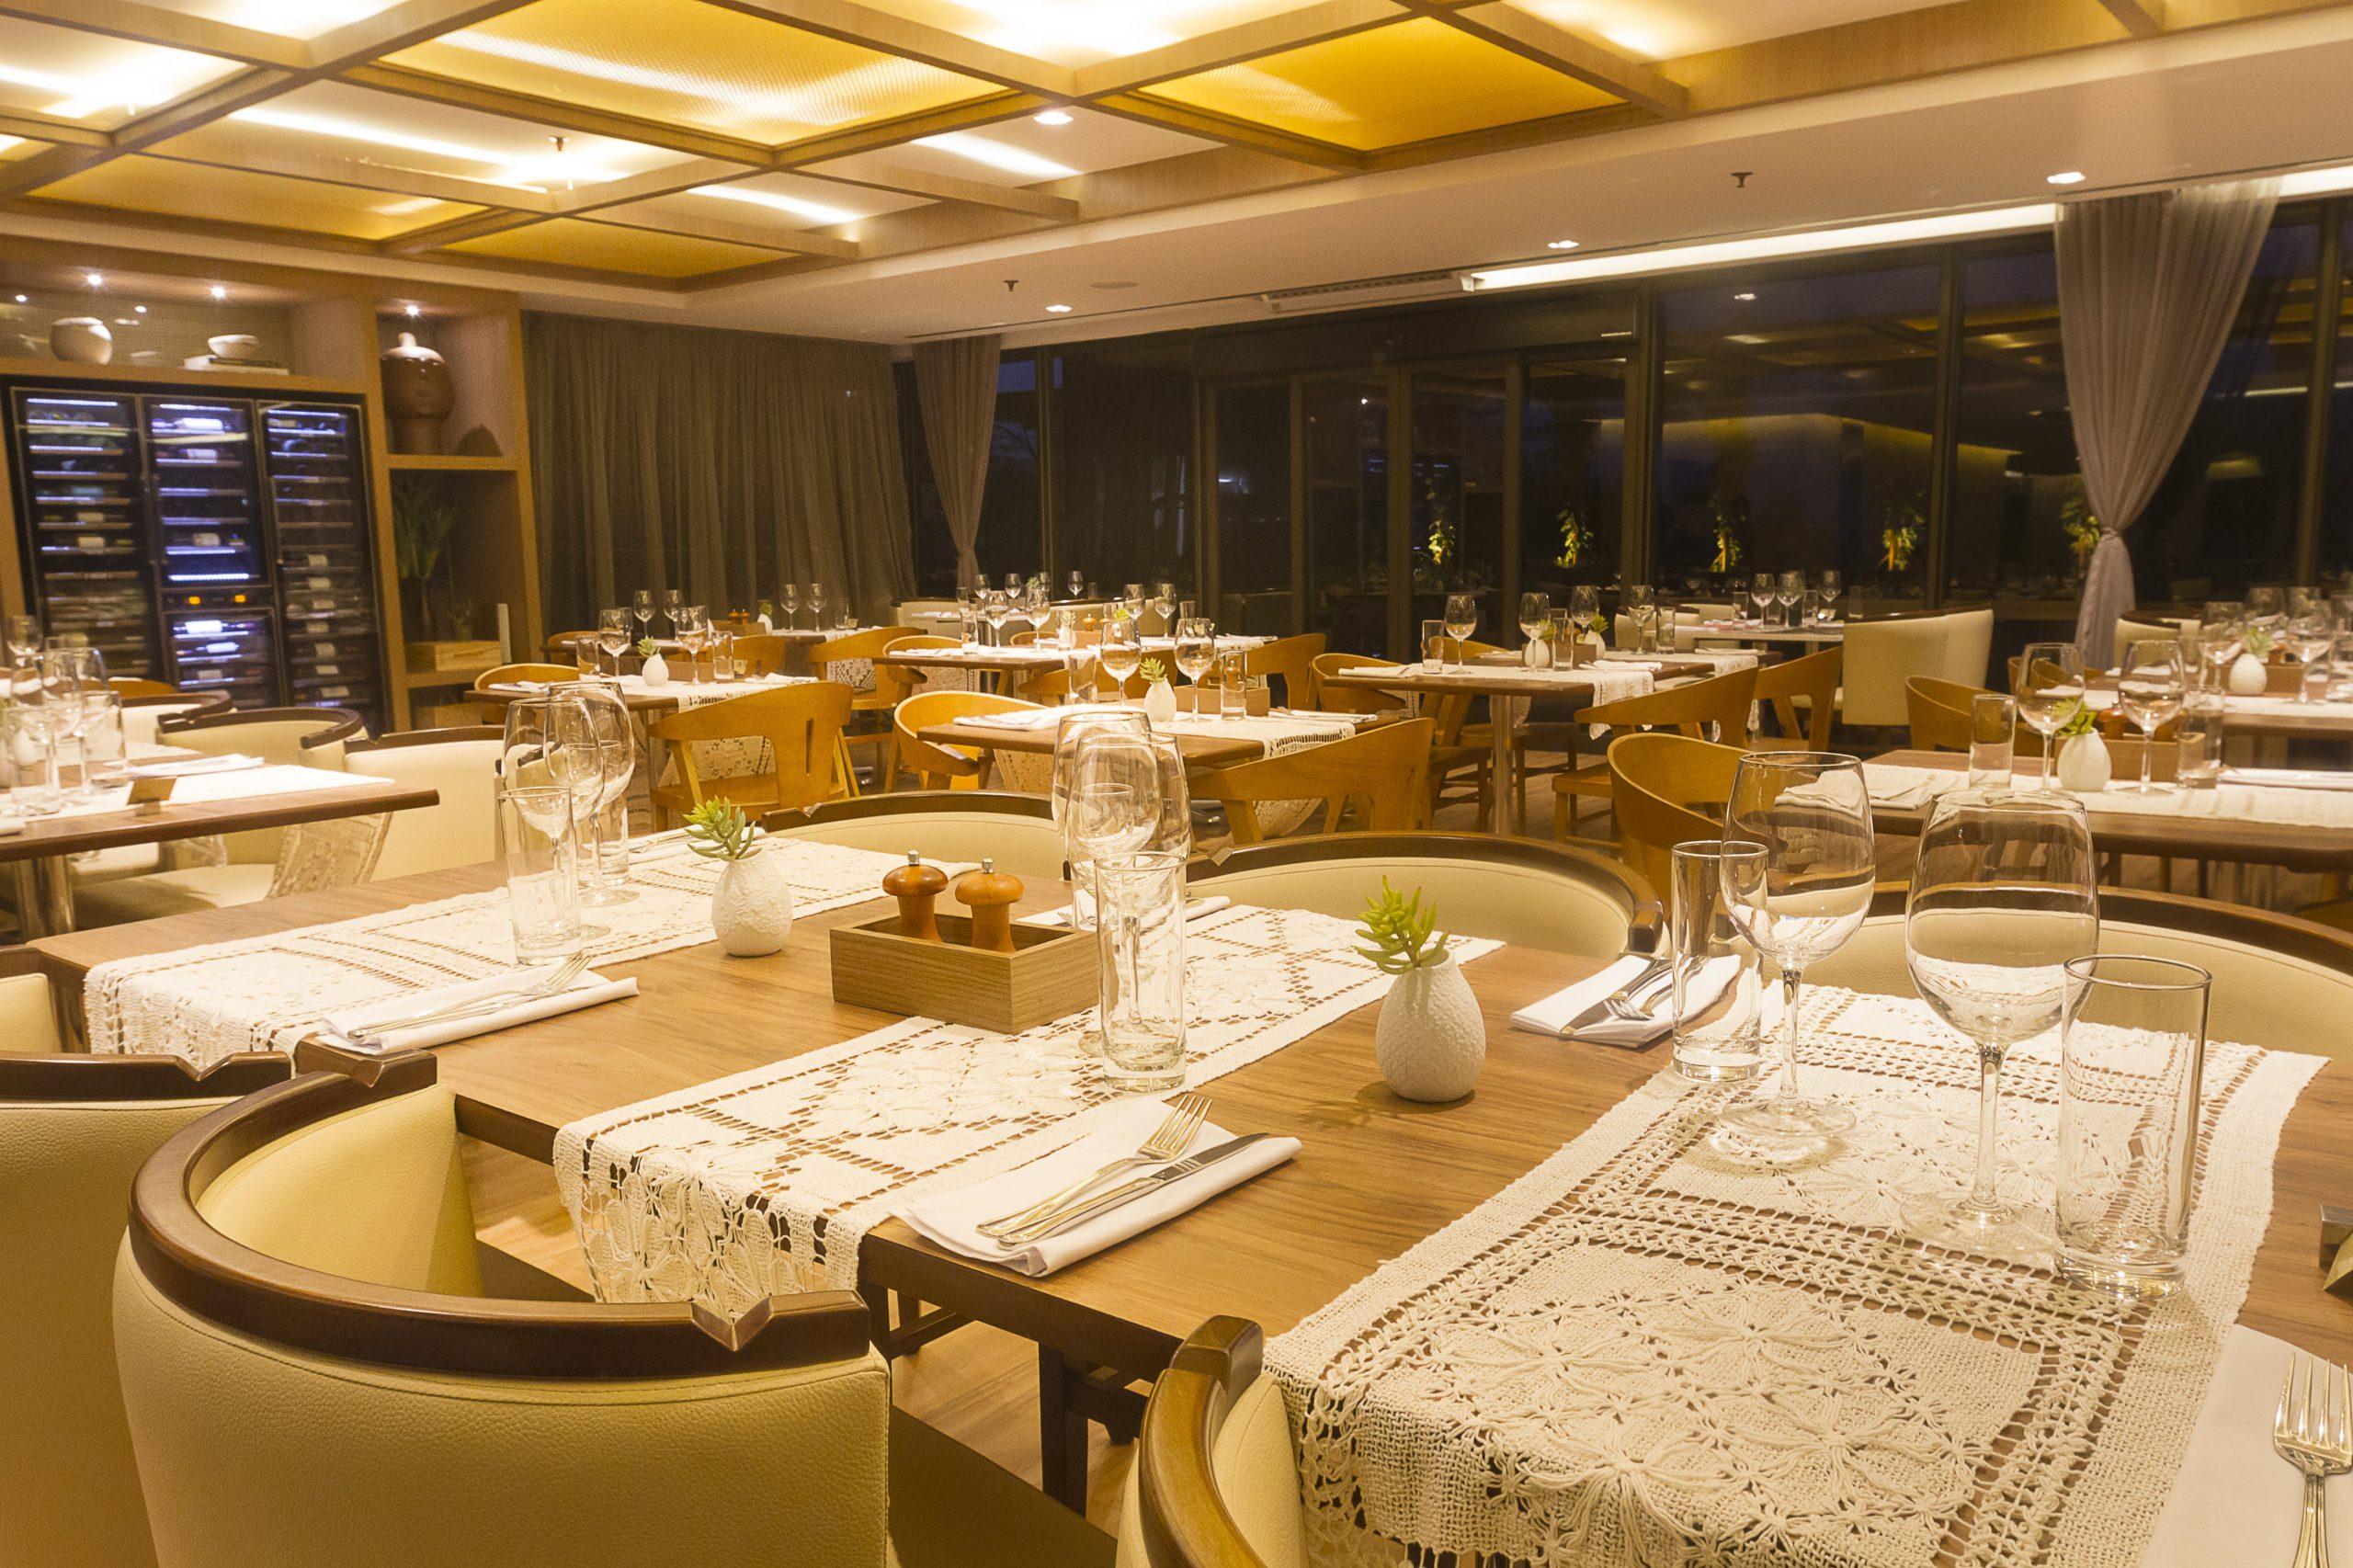 Restaurante Mucuripe oferece almoço especial para celebrar o Dia dos Pais